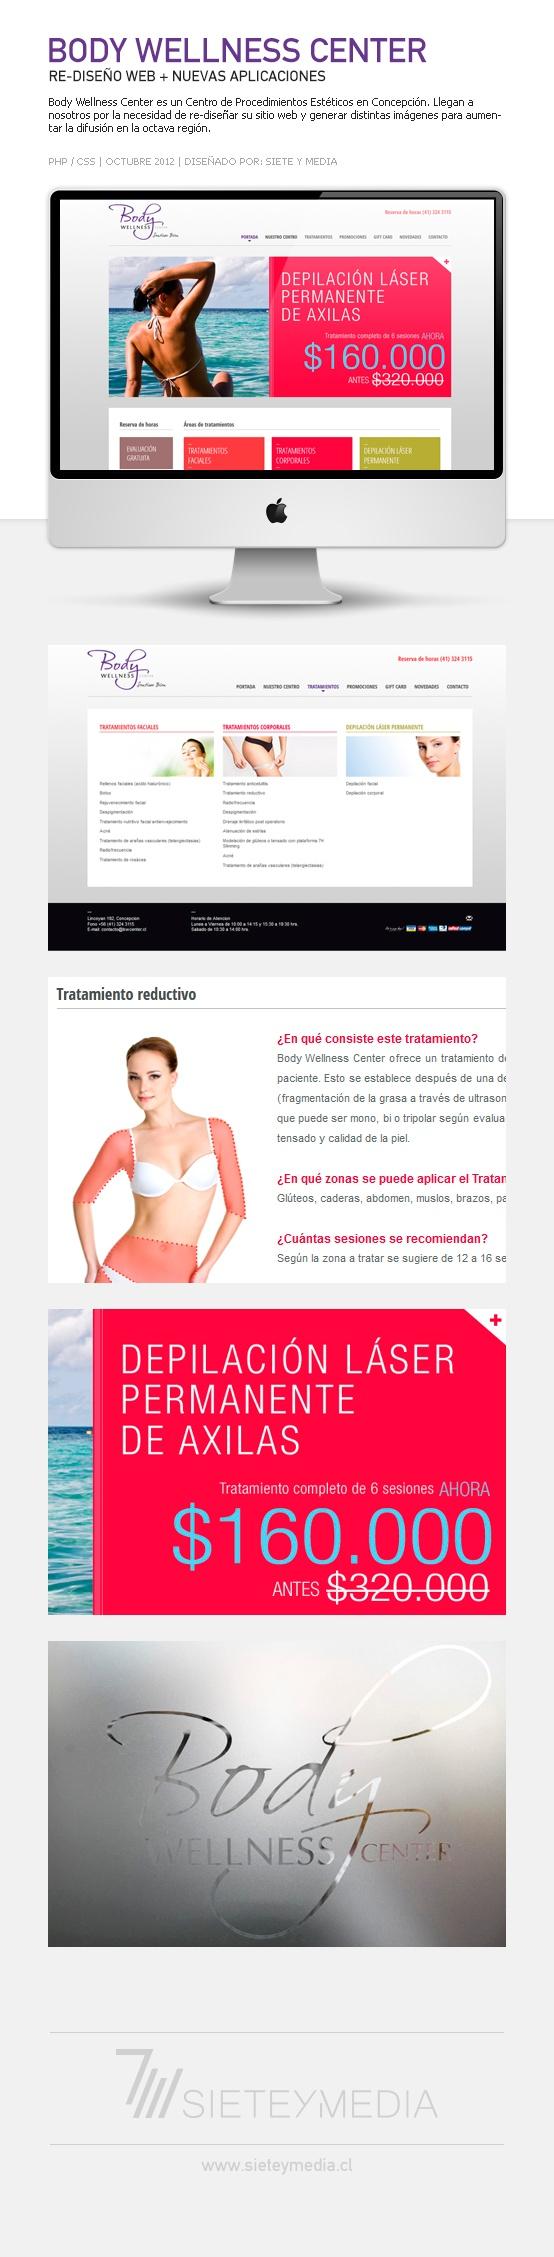 Full re-diseño web. Se realizó una nueva gráfica más moderna, limpia e indexable a Google. Además se diseñaron elementos publicitarios en Concepción (Chile).    #web #webdesign #css #re-diseño #re-design web  Más trabajos --> www.sieteymedia.cl